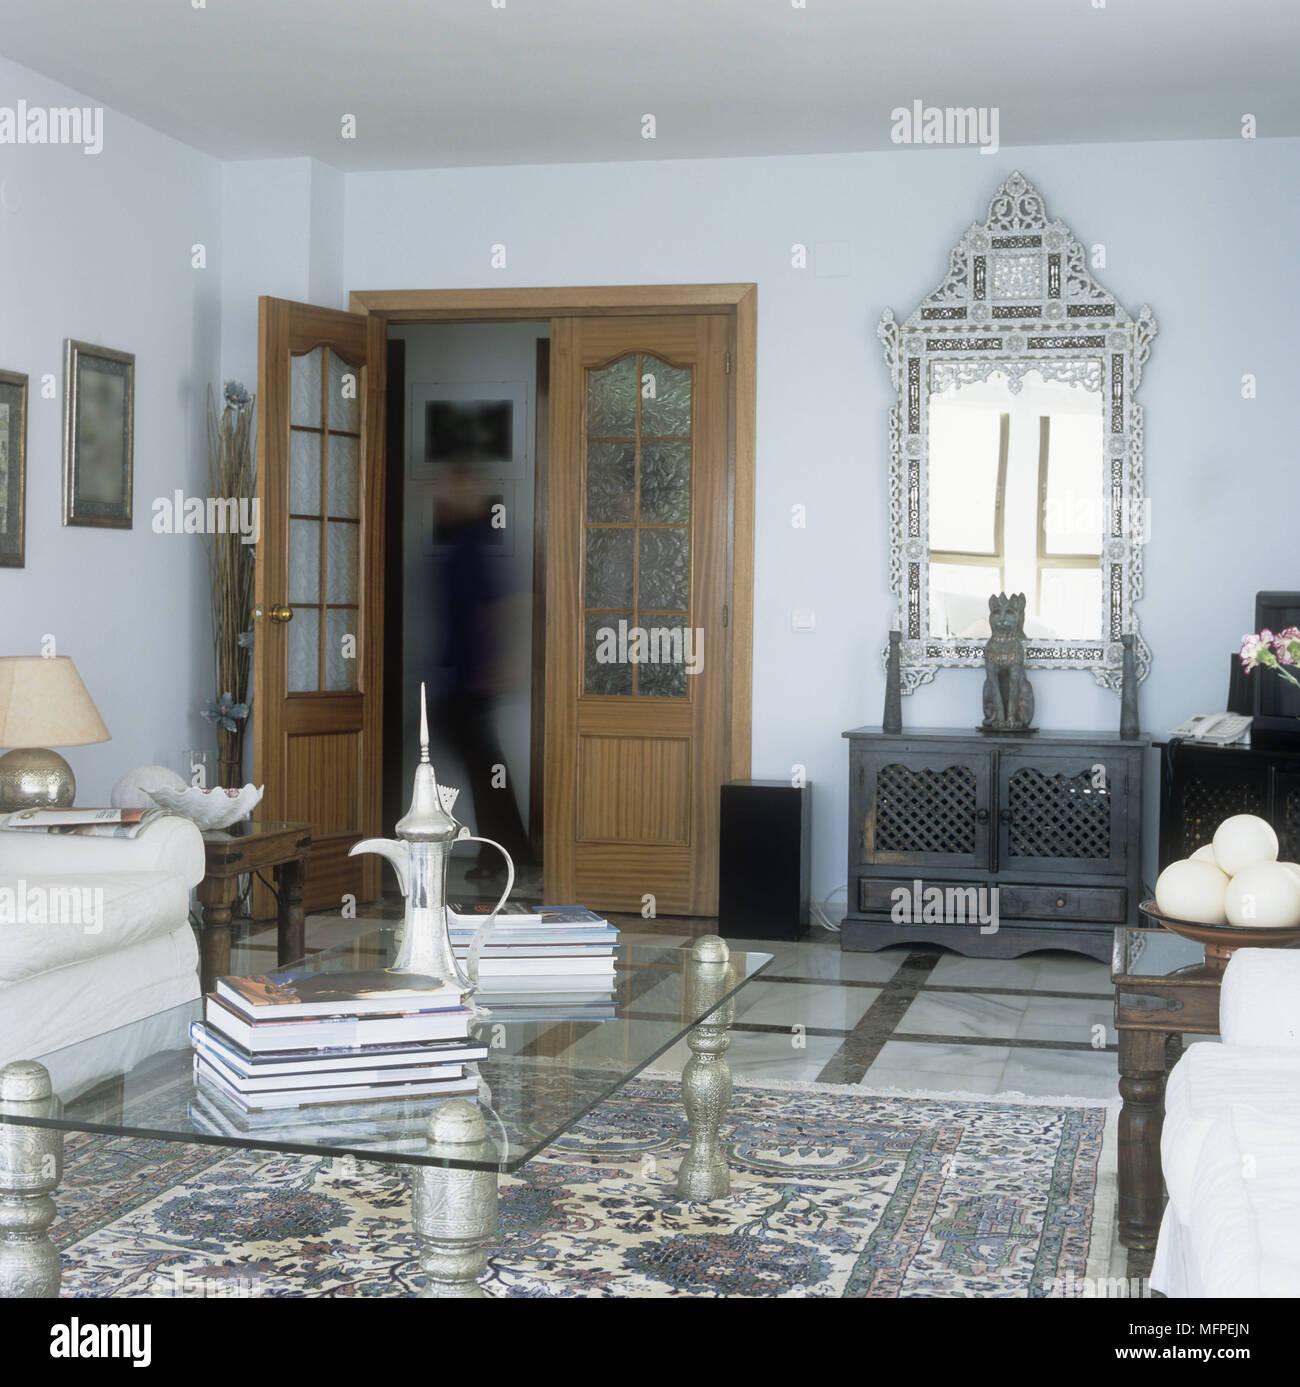 Spanisch Wohnzimmer Mit Einem Couchtisch Aus Glas Auf Einem